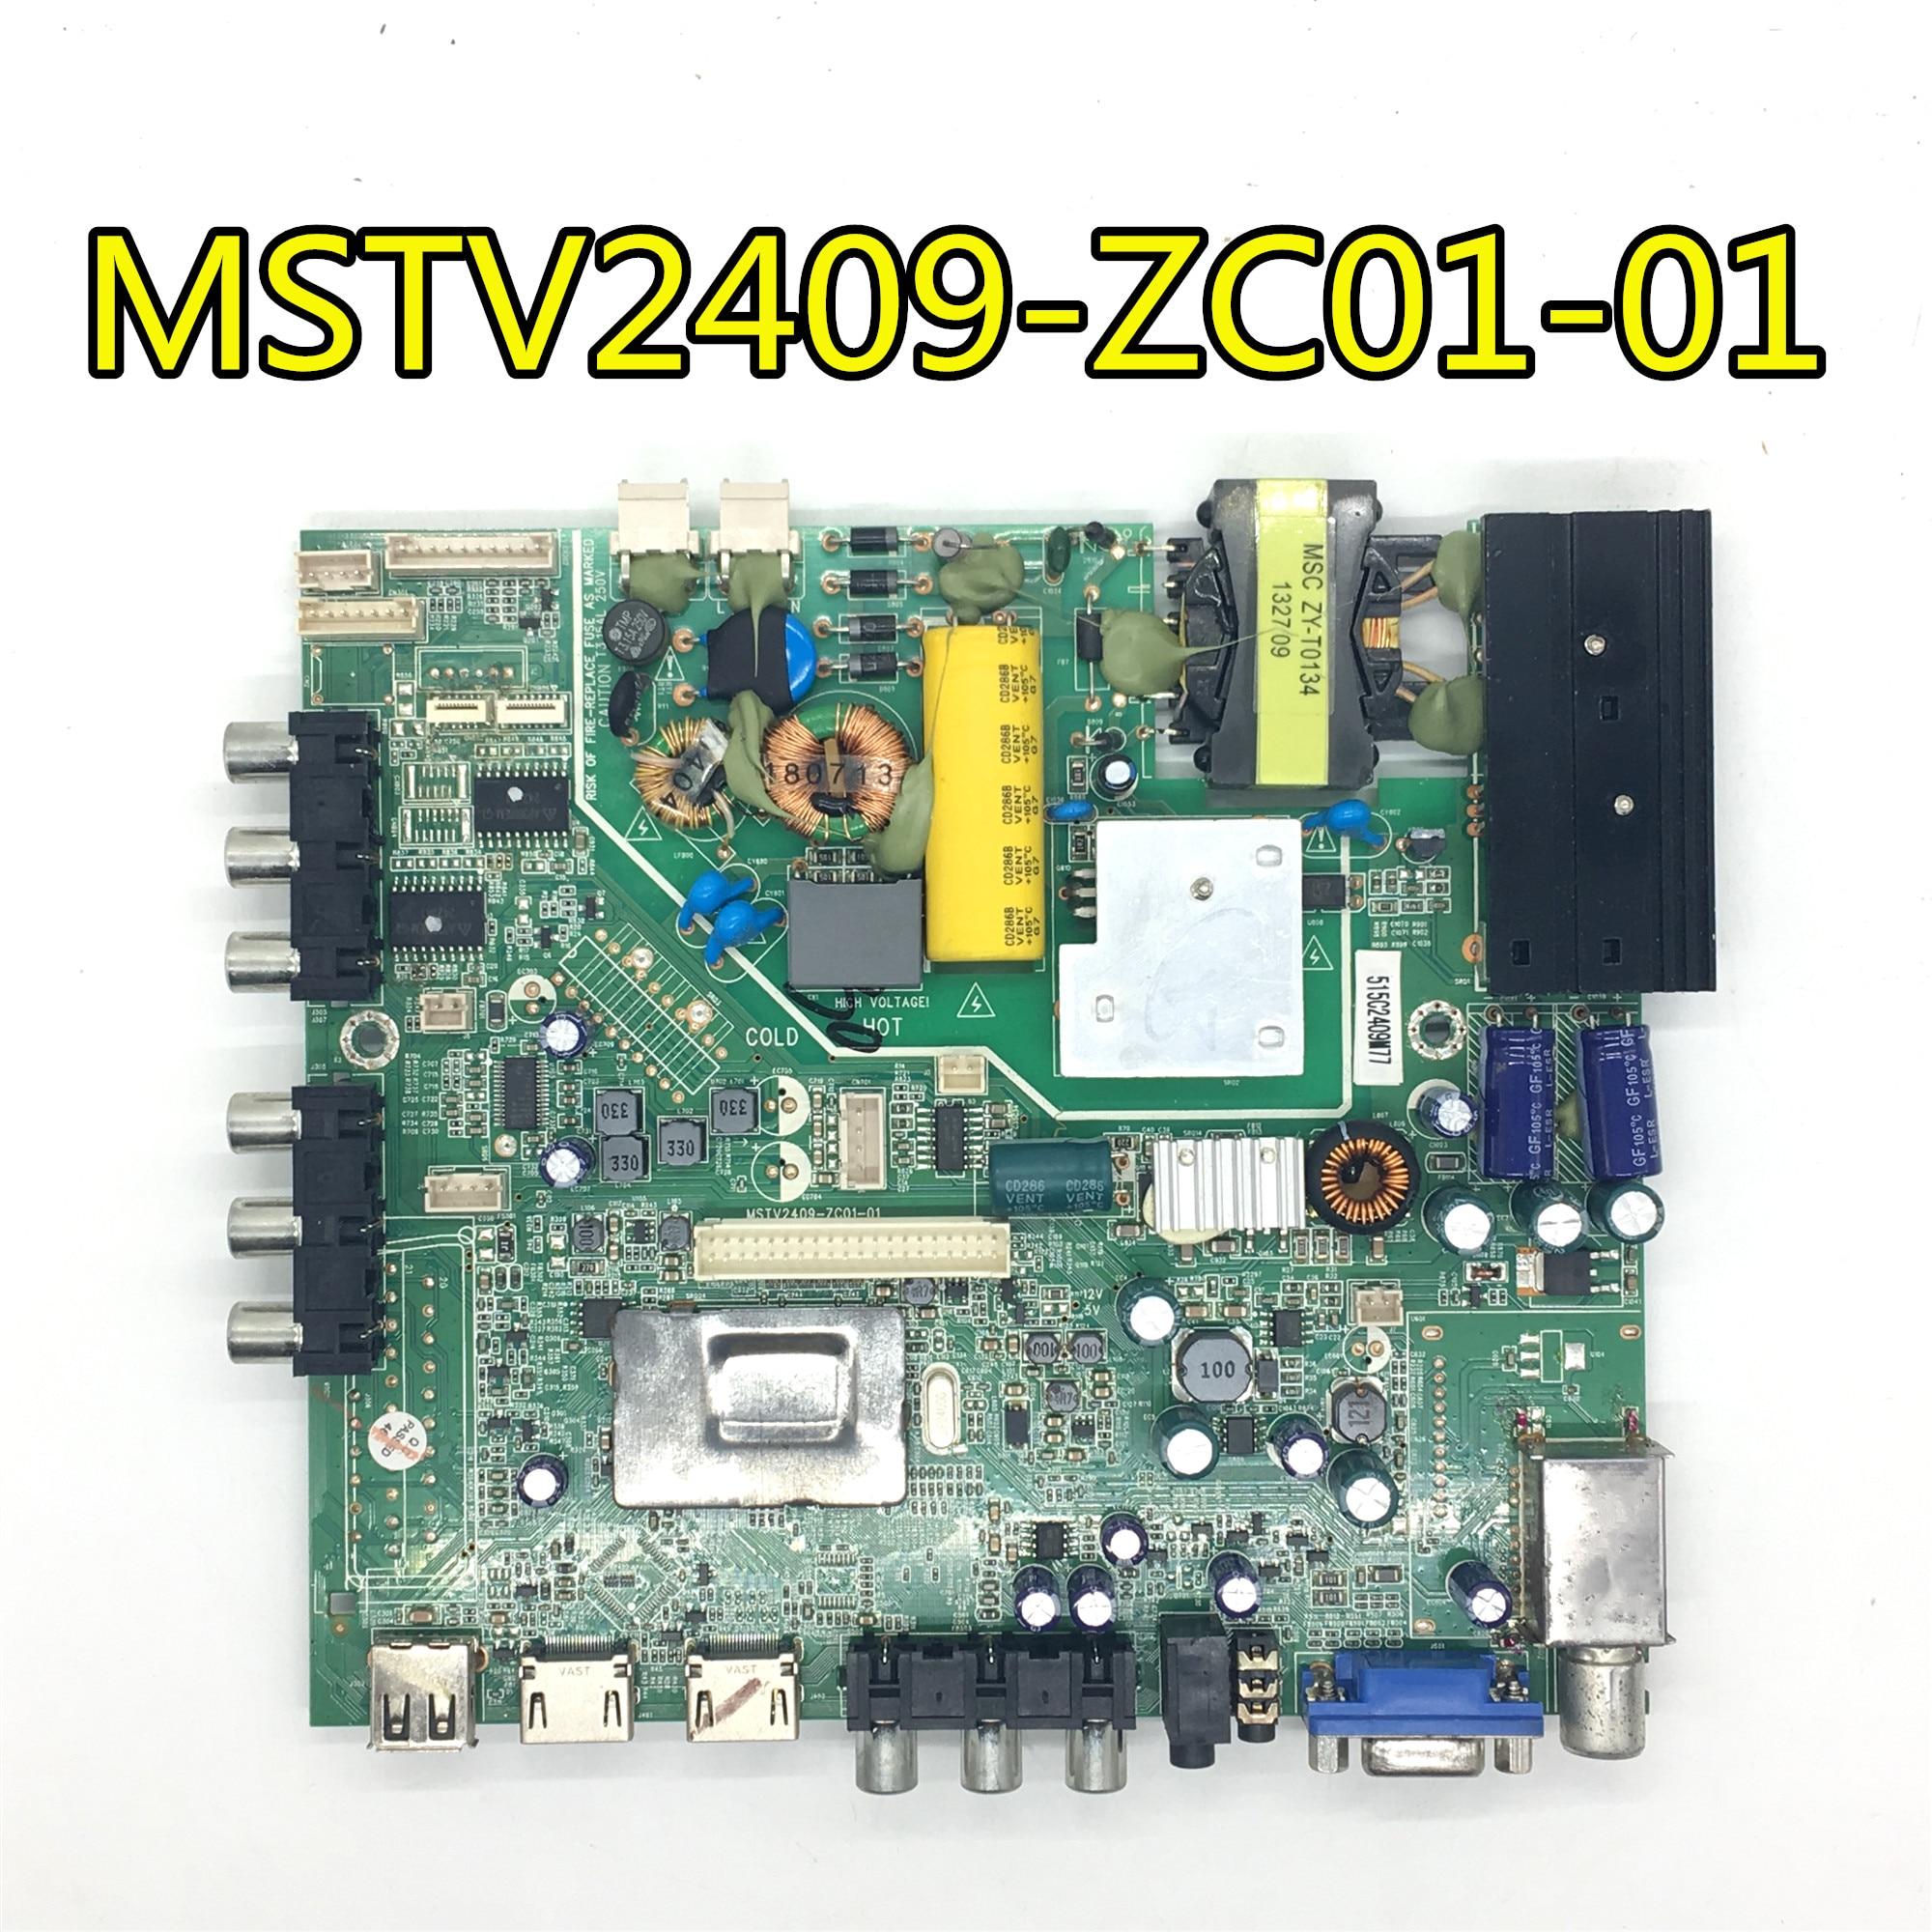 Tela de Teste para Haier Motheboard 100% Le32d8810 Mstv2409-zc01-01 Lsc320an02